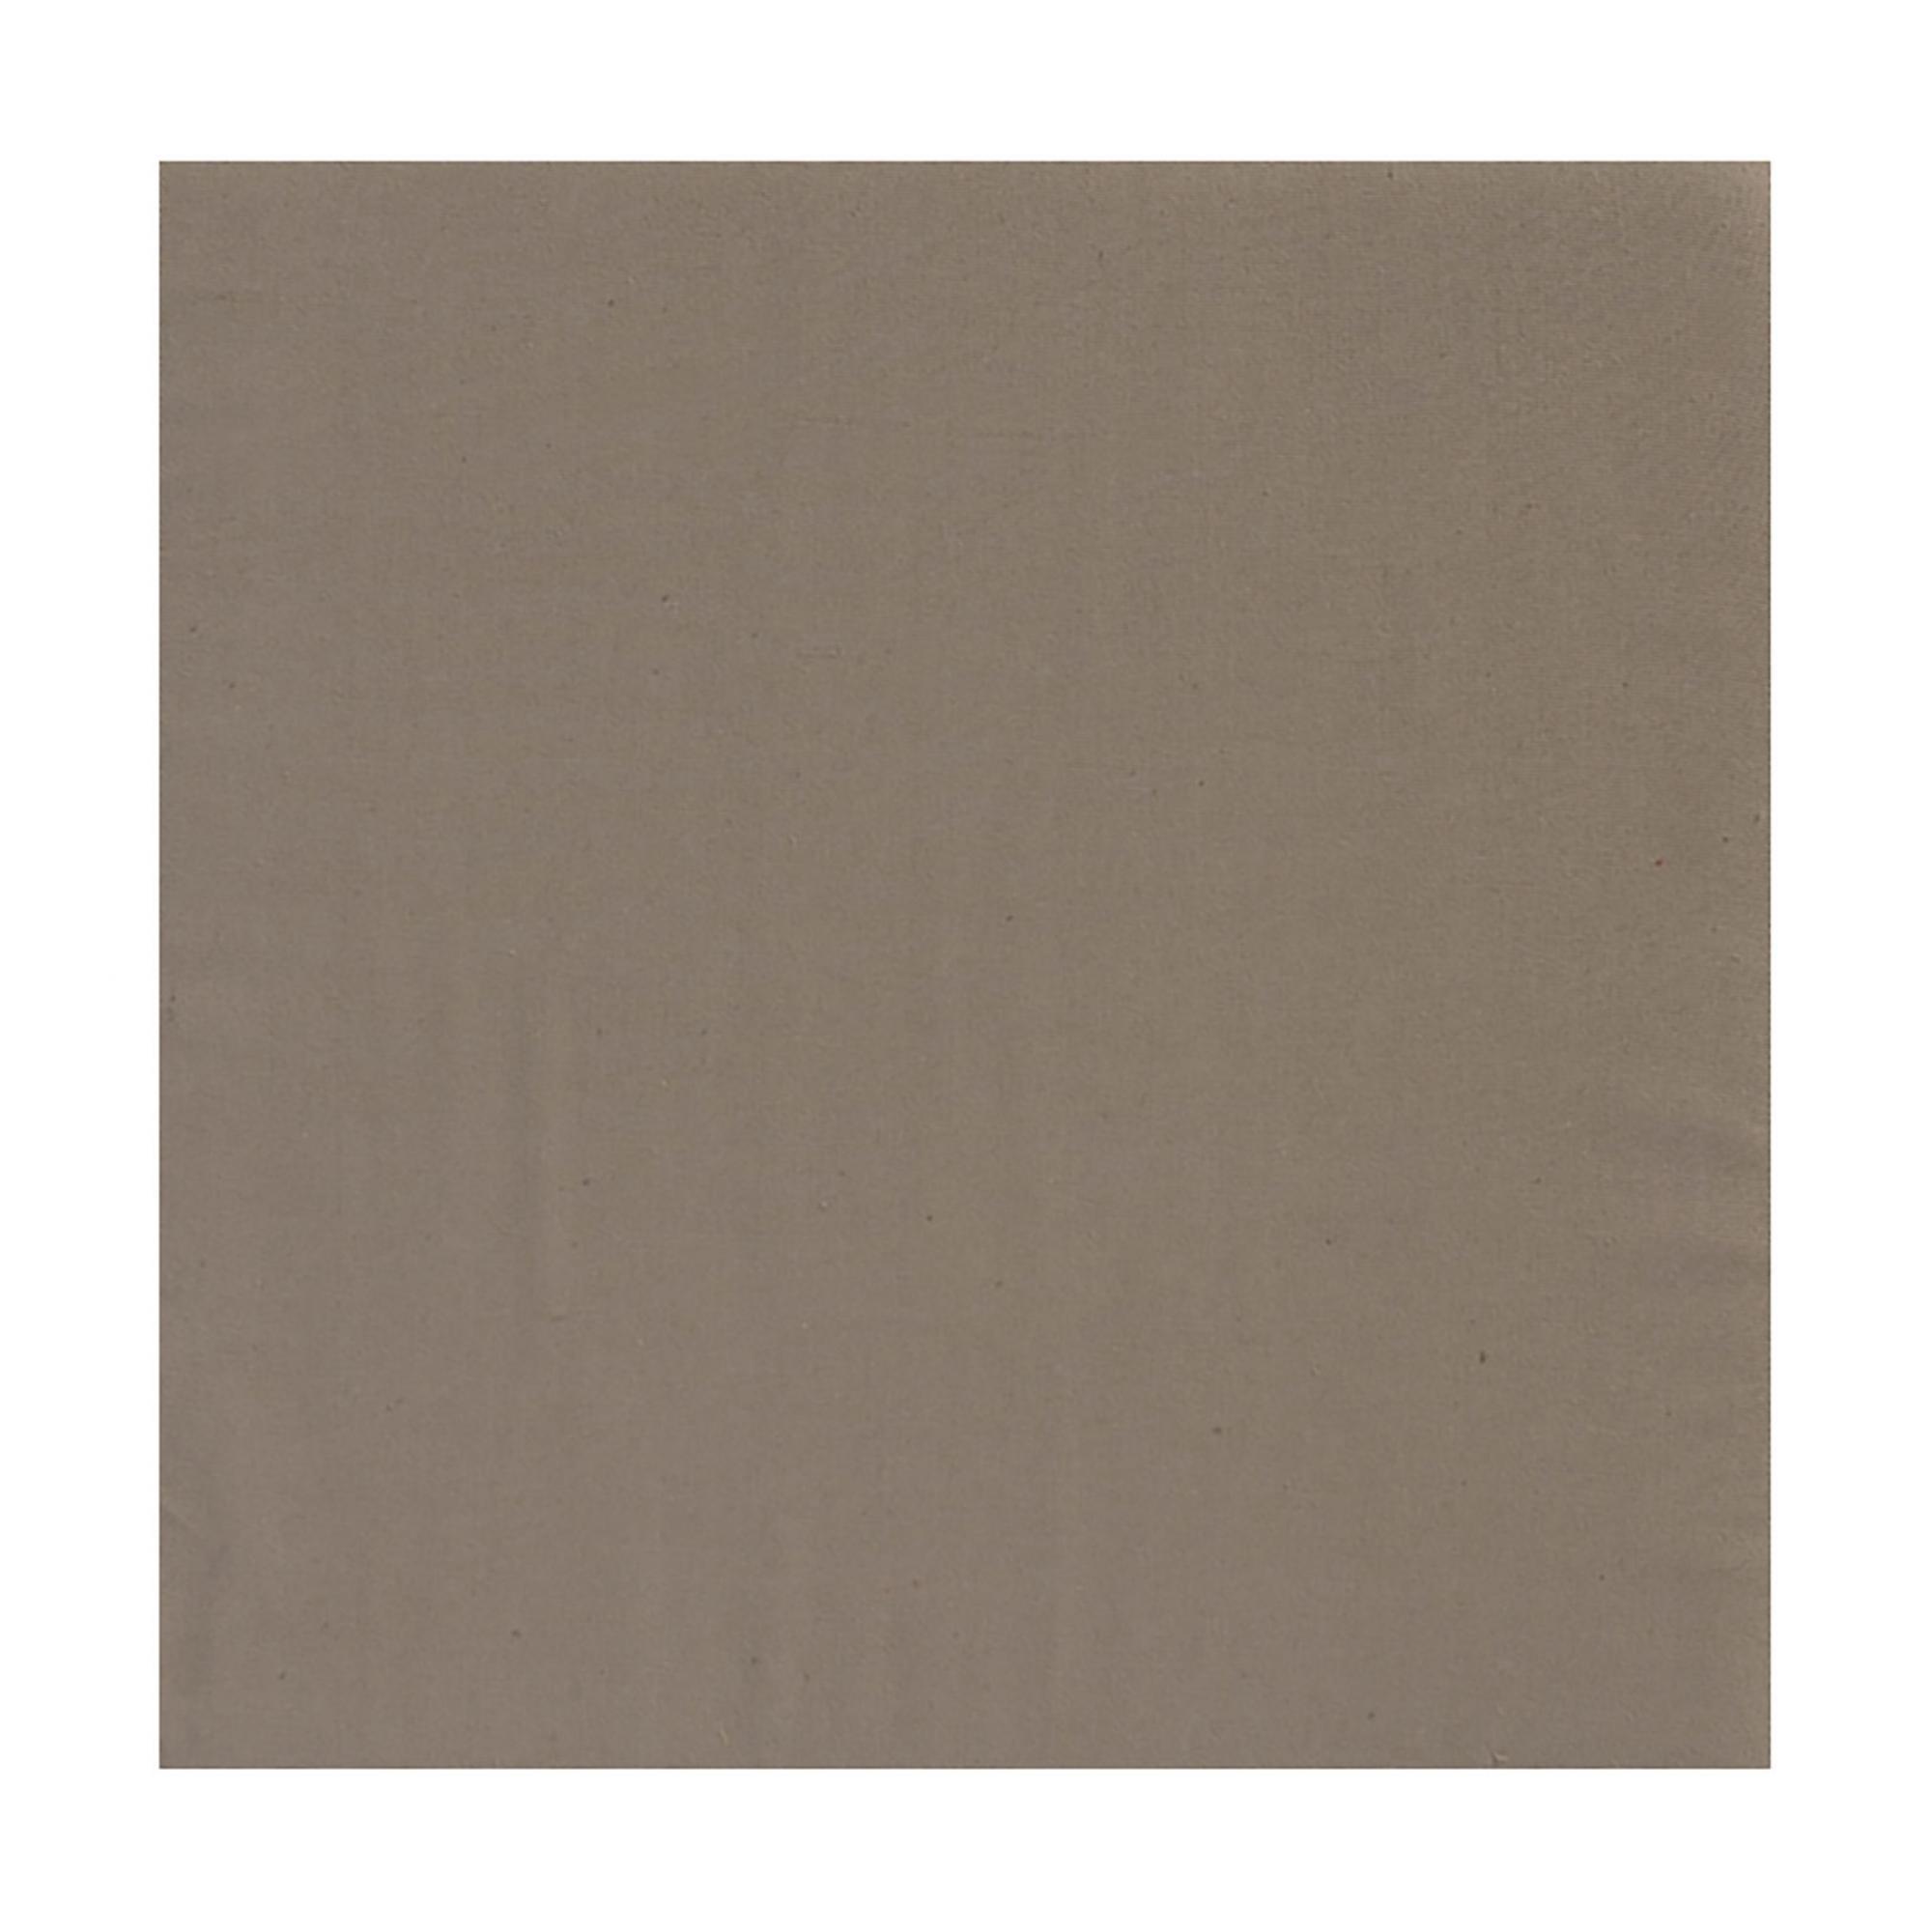 Serviette de Table Unie en coton taupe 50 x 50